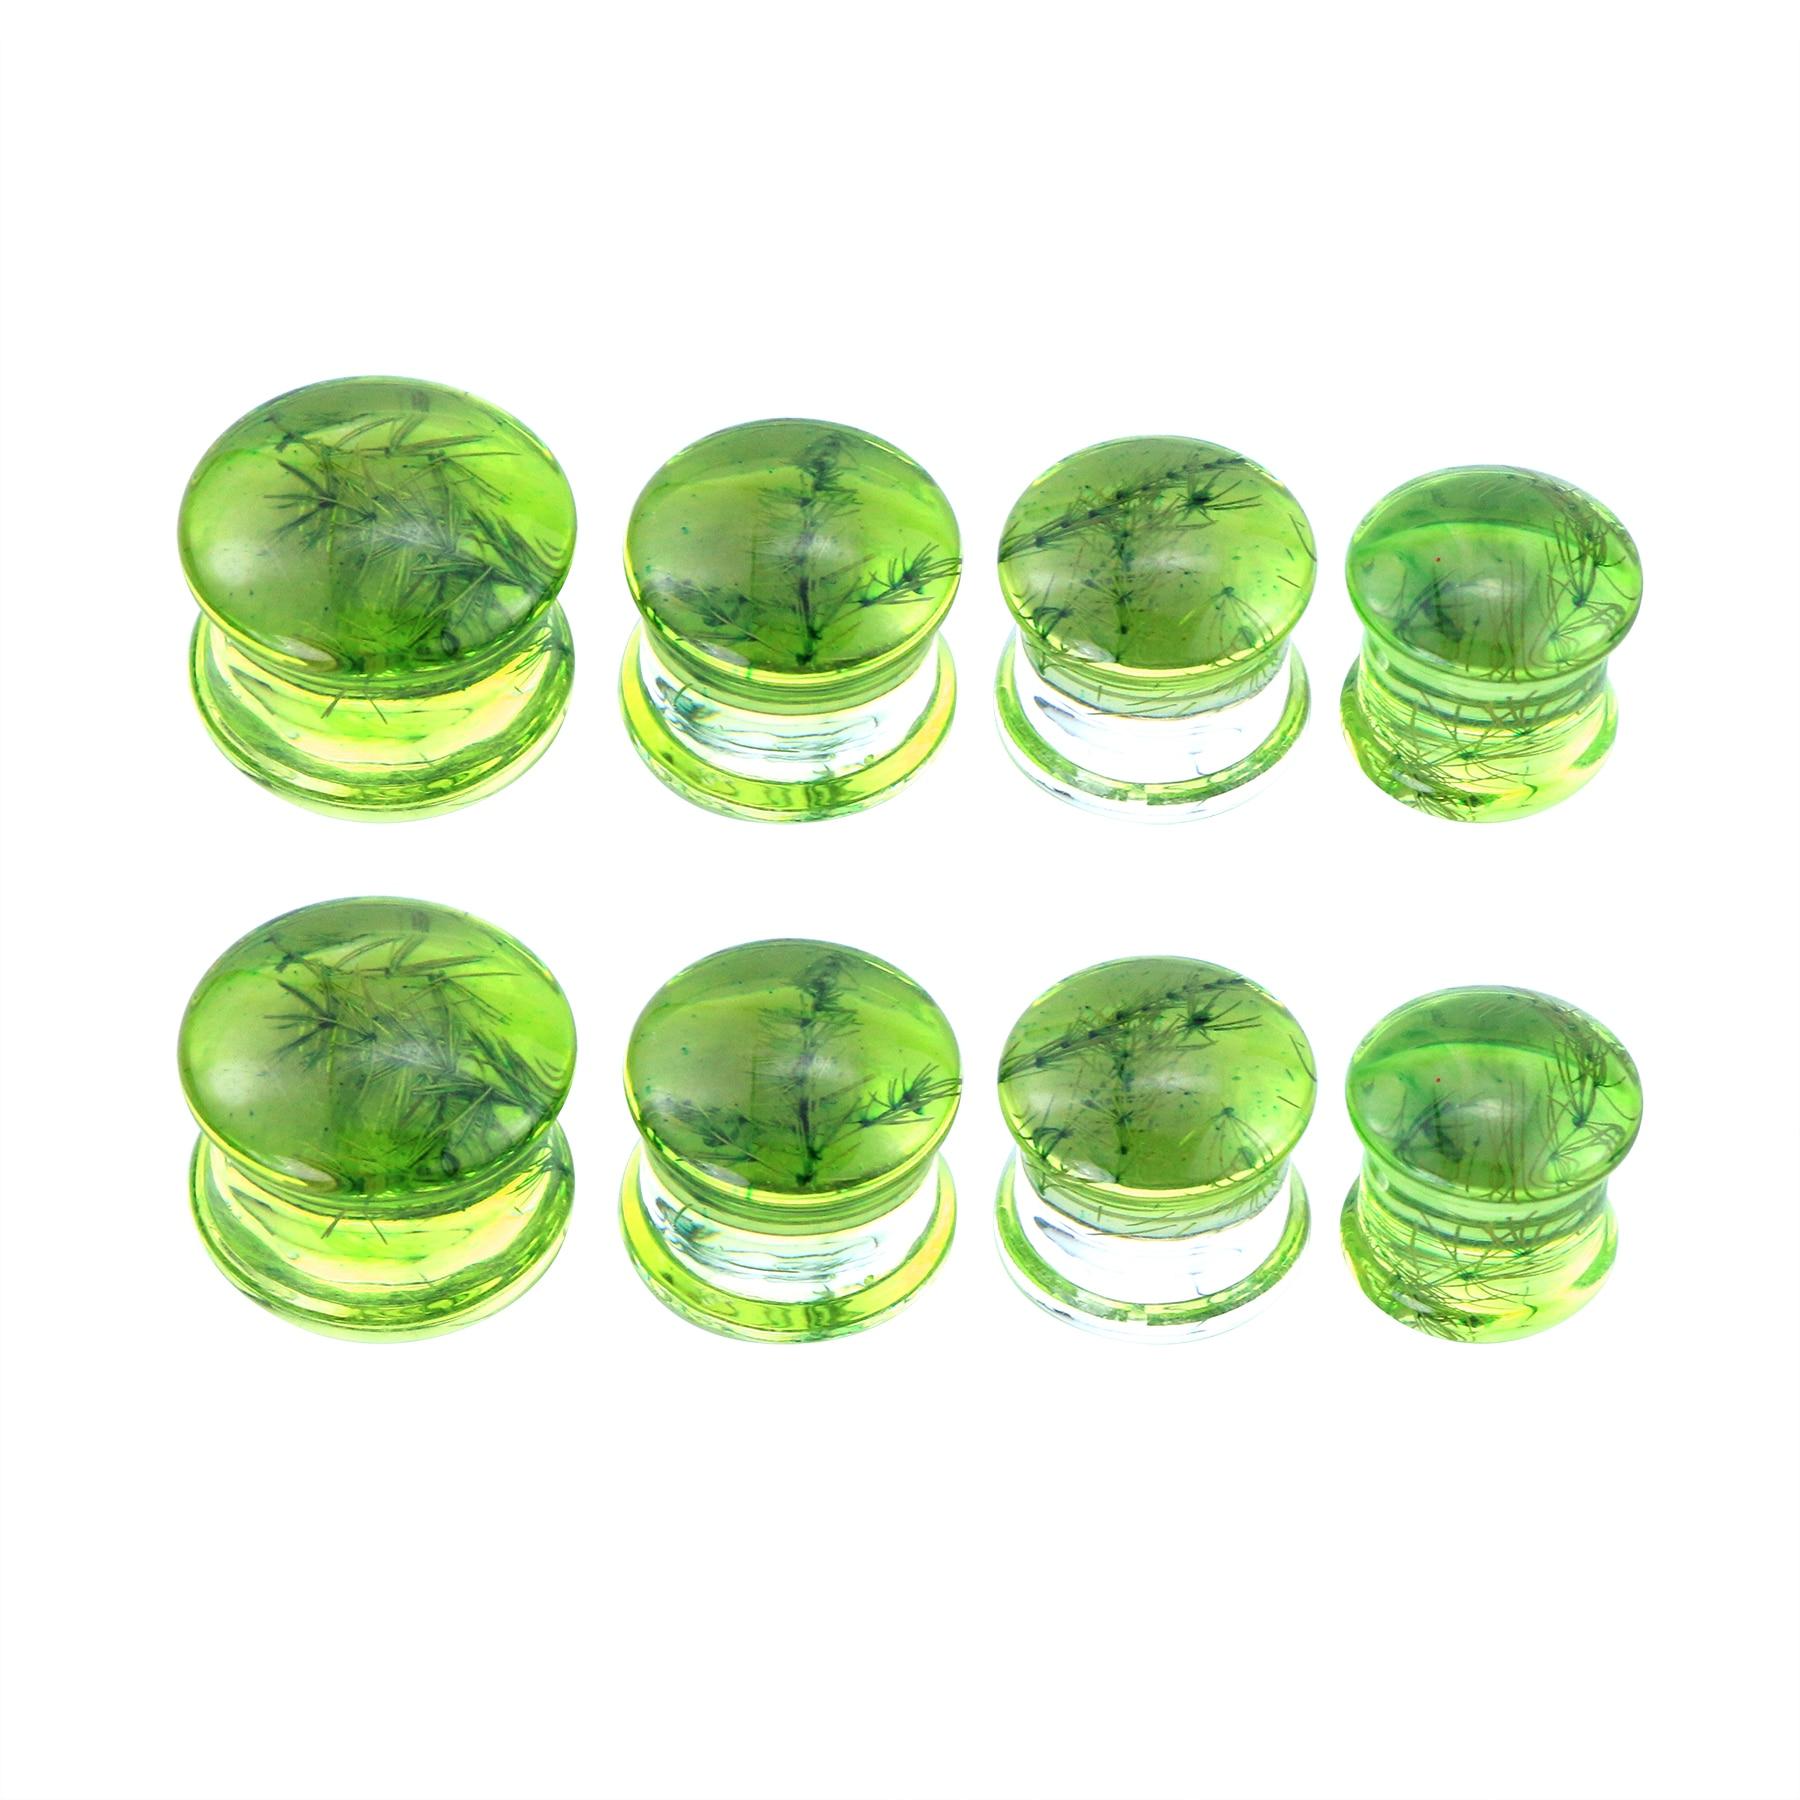 2Pcs Green Resin Ear Gauges Acrylic Ear Plugs Tunnels Branch specimen Earrings Piercing Expander Body Piercing Jewelry